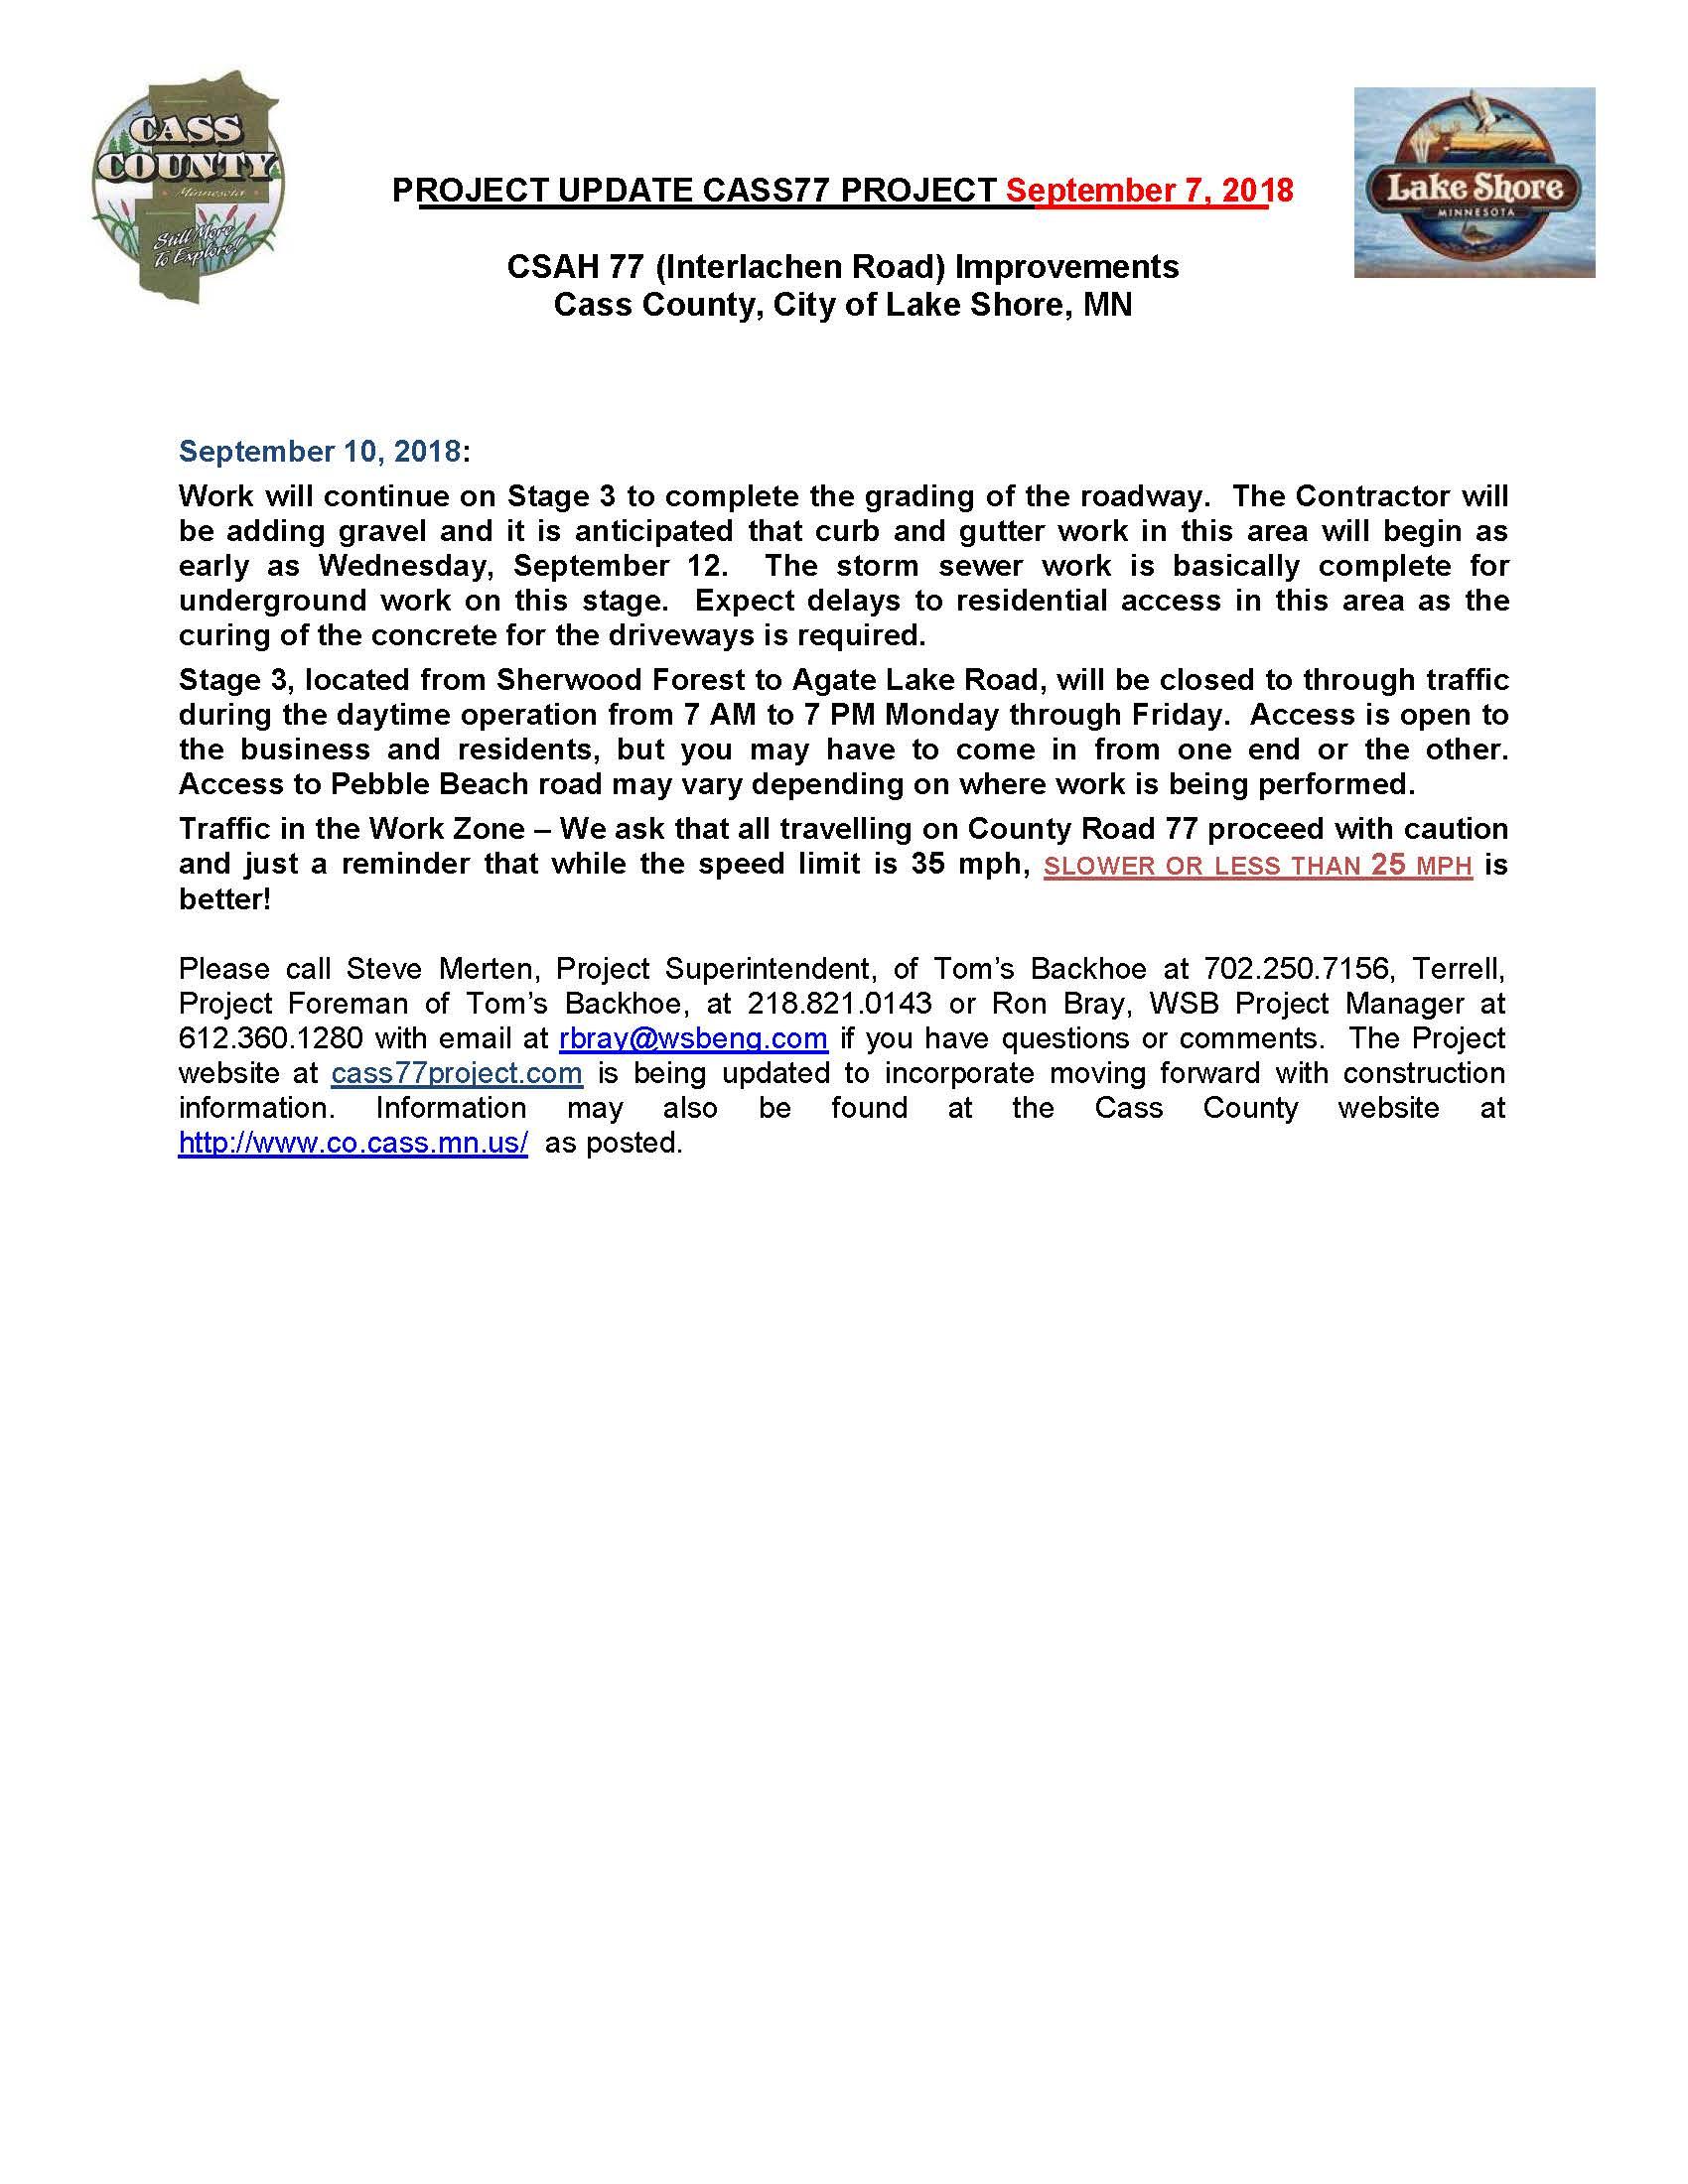 Cass County CSAH 77 Project update September 7th 2018.jpg